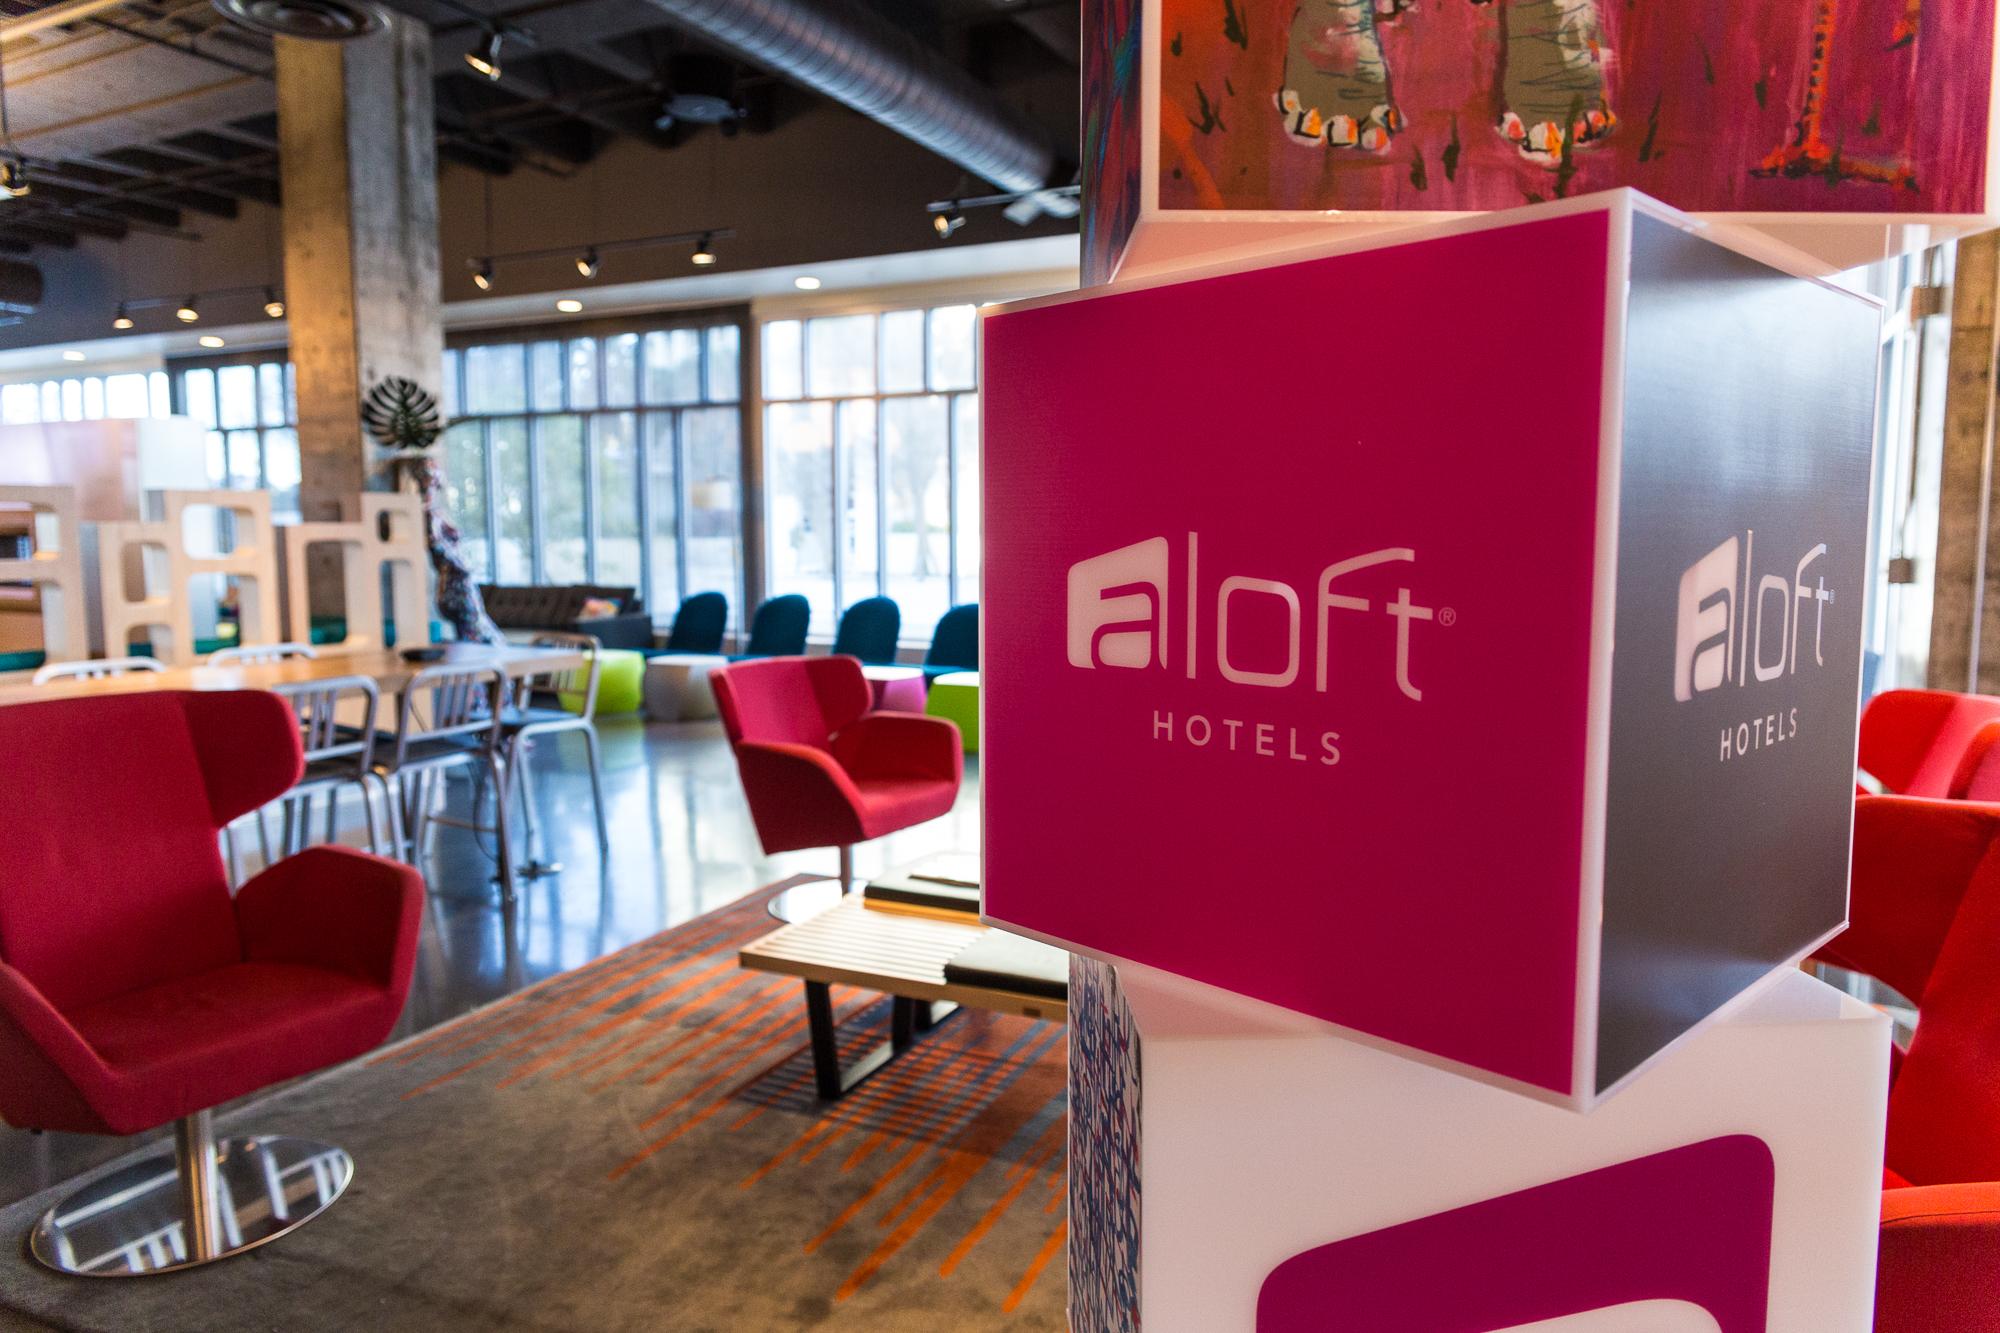 Aloft Hotel Lobby area